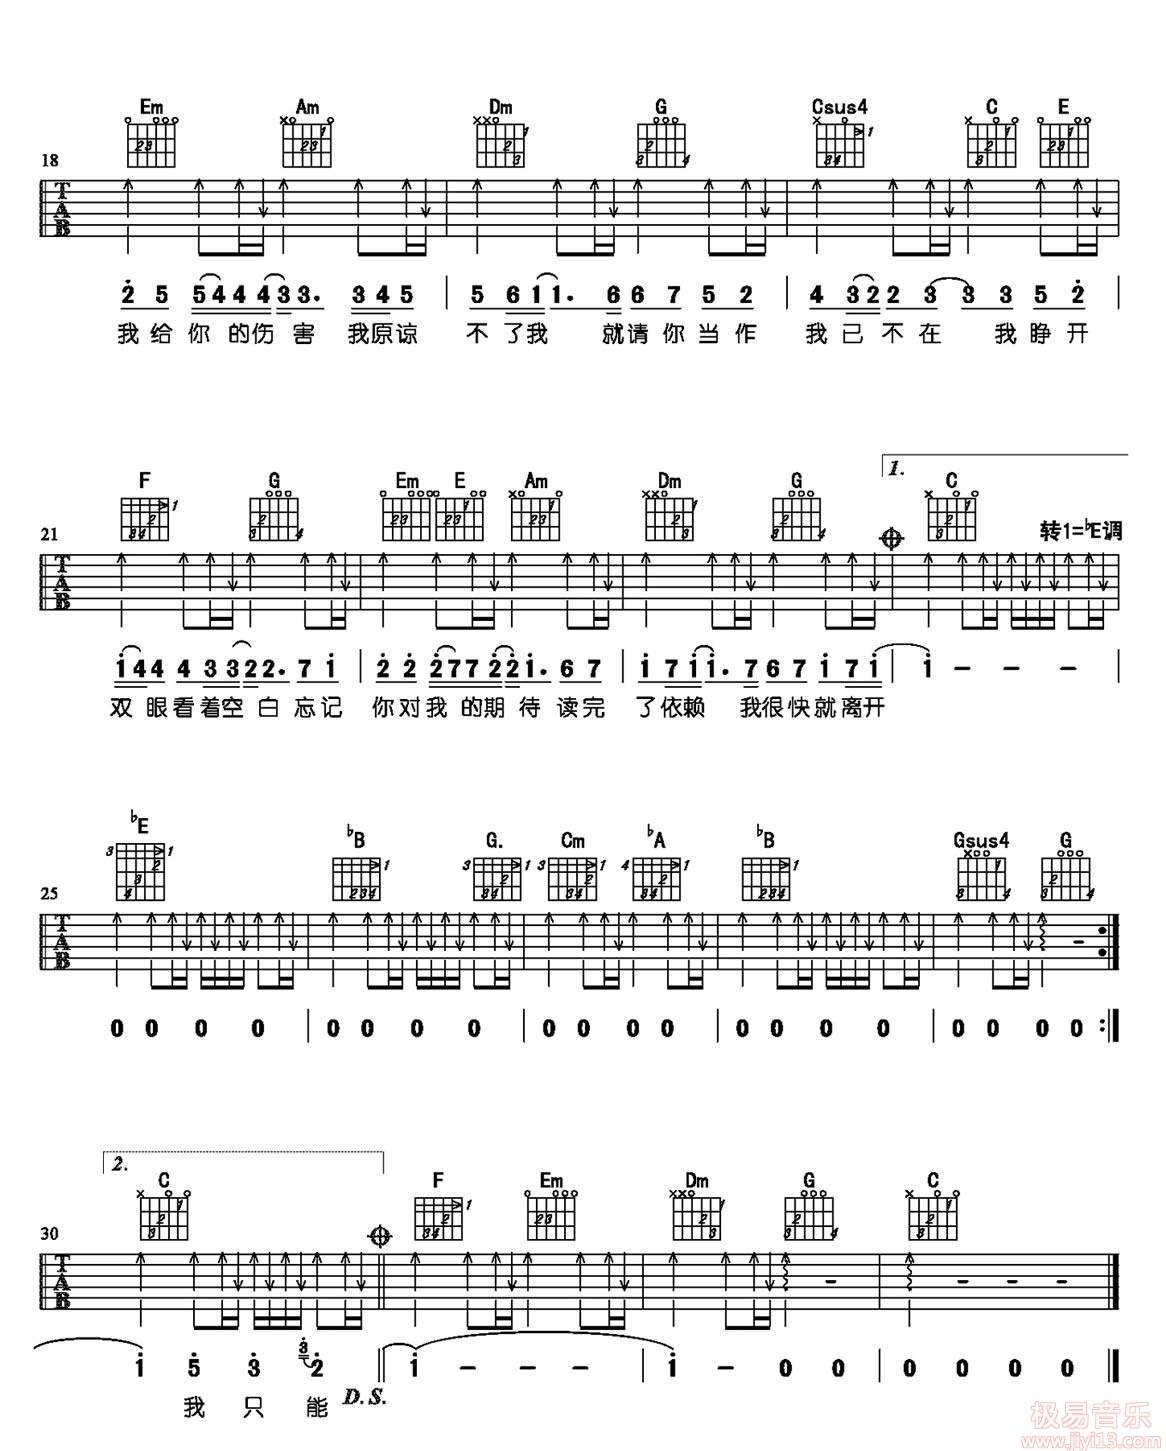 周杰伦《搁浅》高清吉他弹唱谱F调完美版原版编配+视频教学